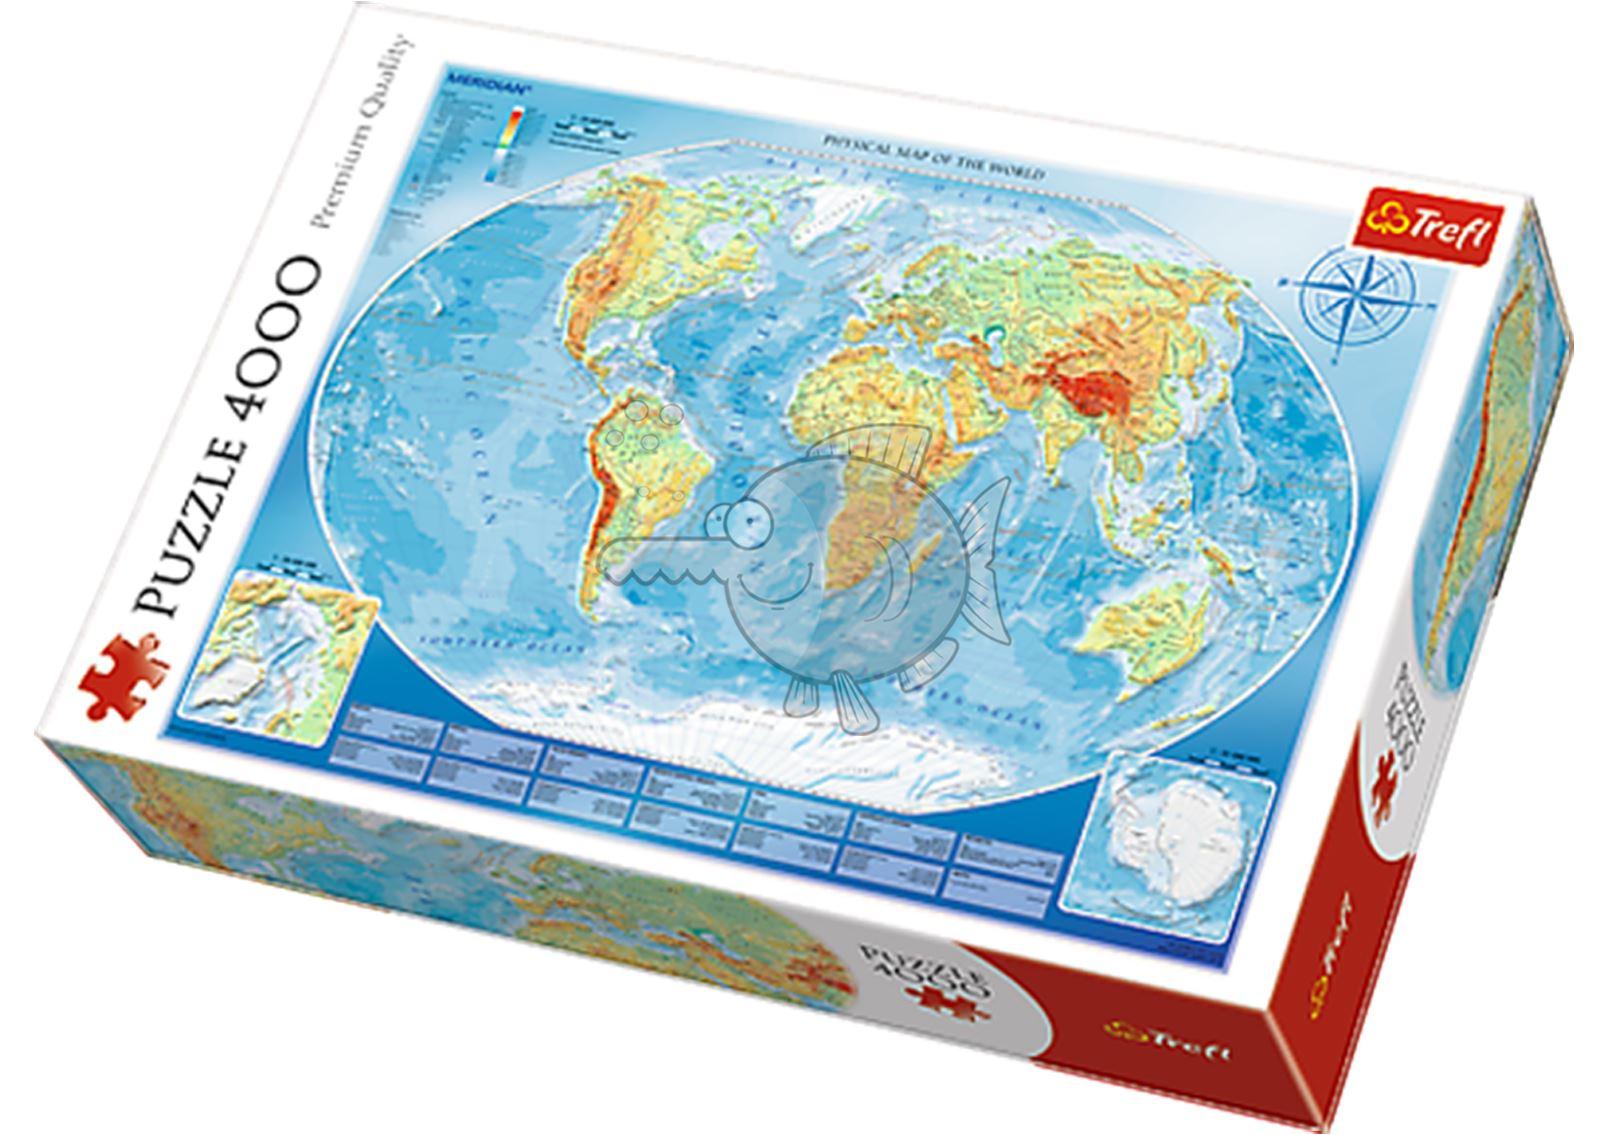 Trefl-300-500-1000-1500-2000-3000-4000-6000-Piece-Jigsaw-Puzzle-Paysages-Ville miniature 156